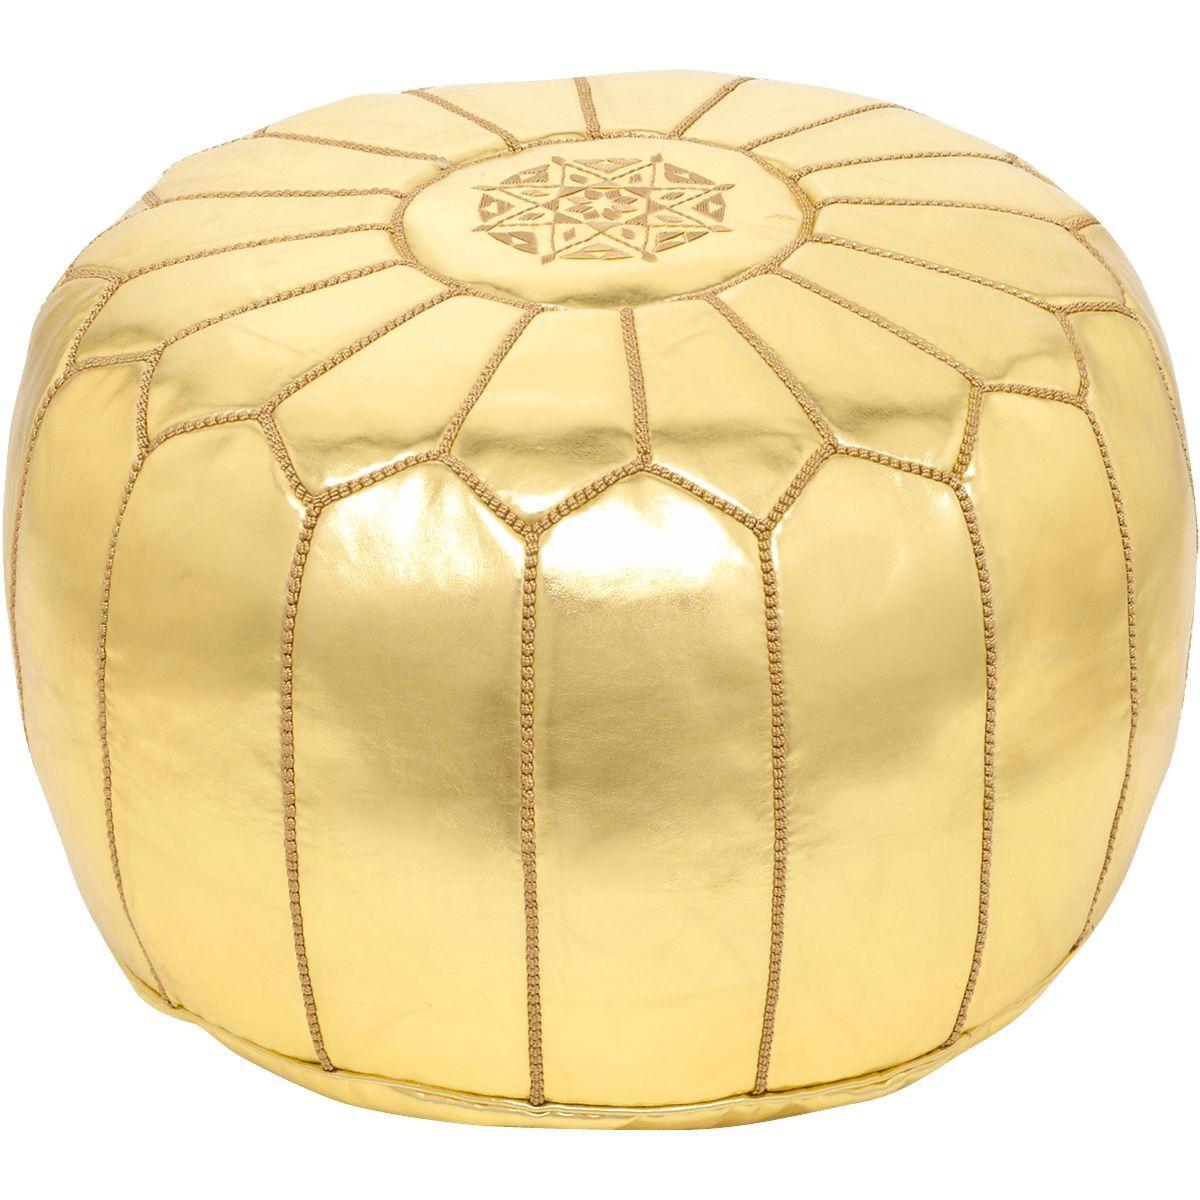 Marroquí Dorado mano imitación cuero mano Dorado cosida Puf 6bafca